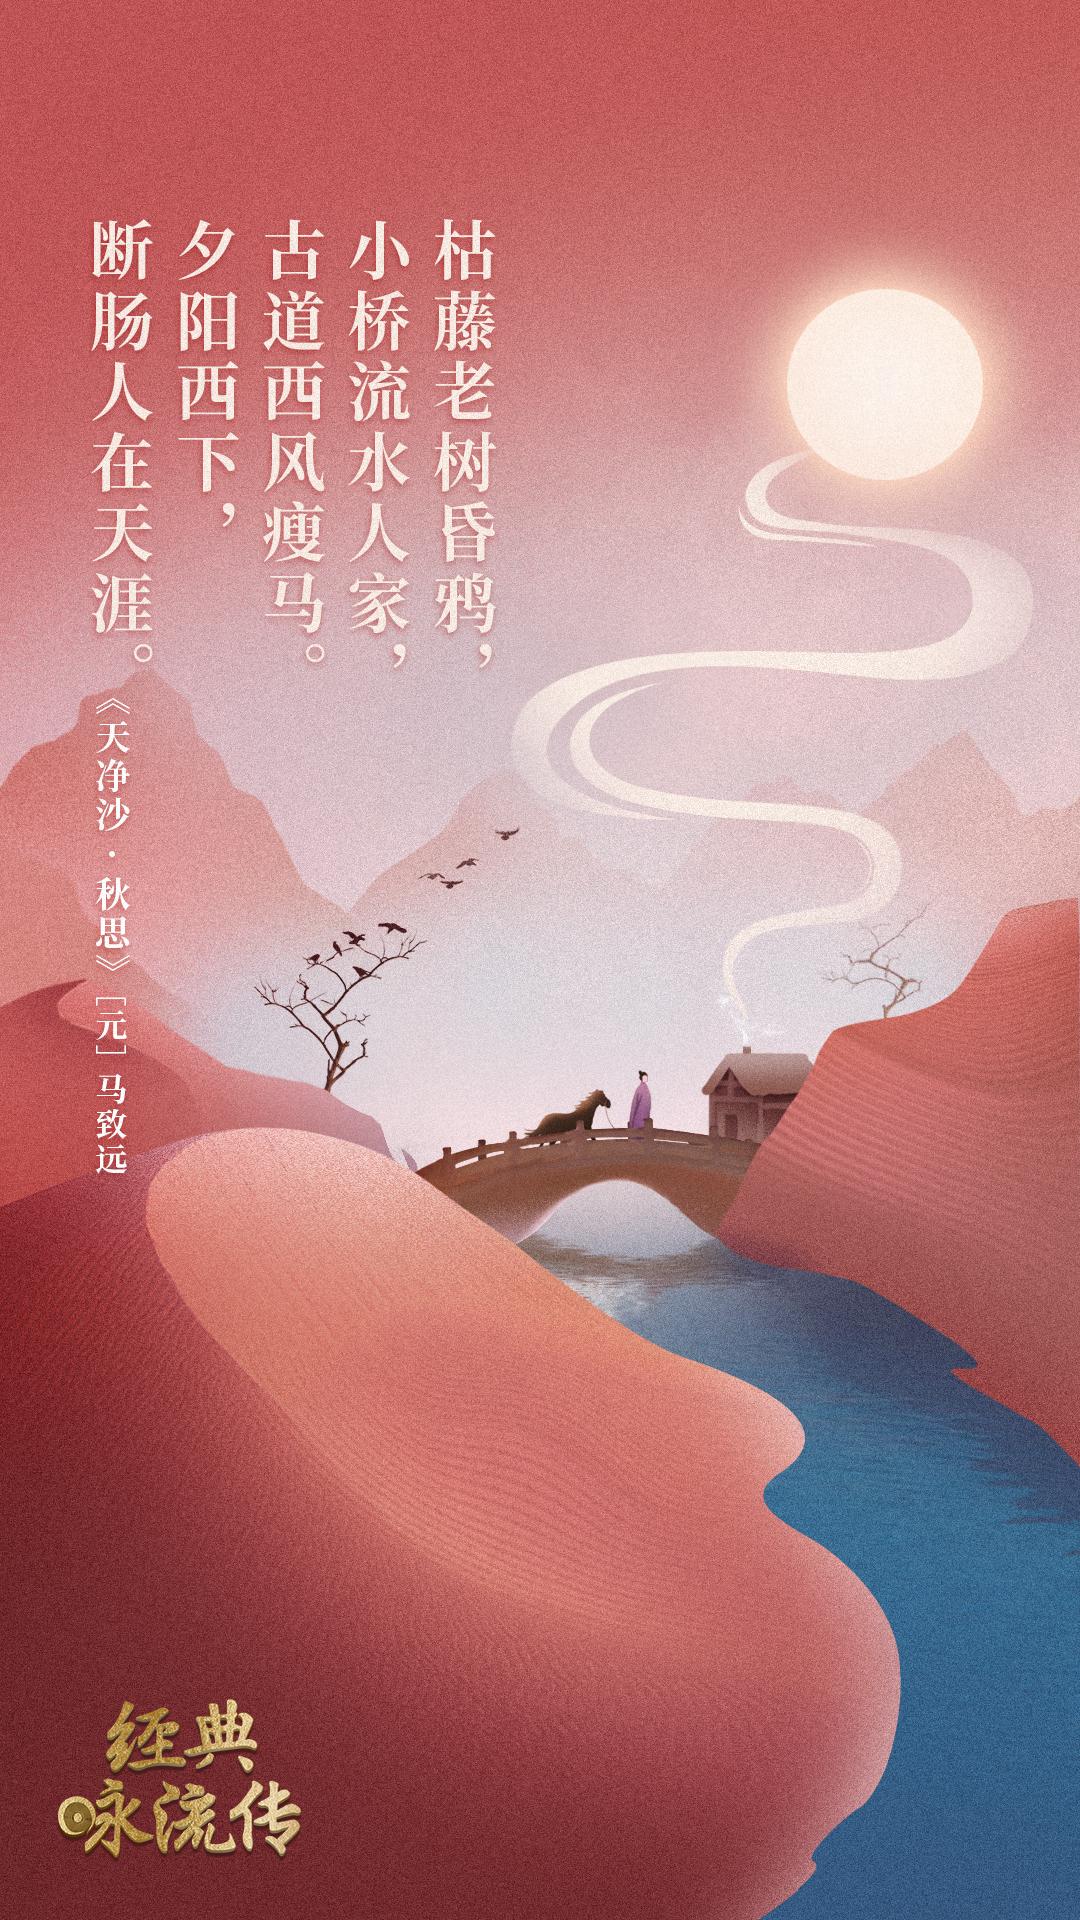 《经典咏流传》诗词意境海报合集 欣赏-第47张